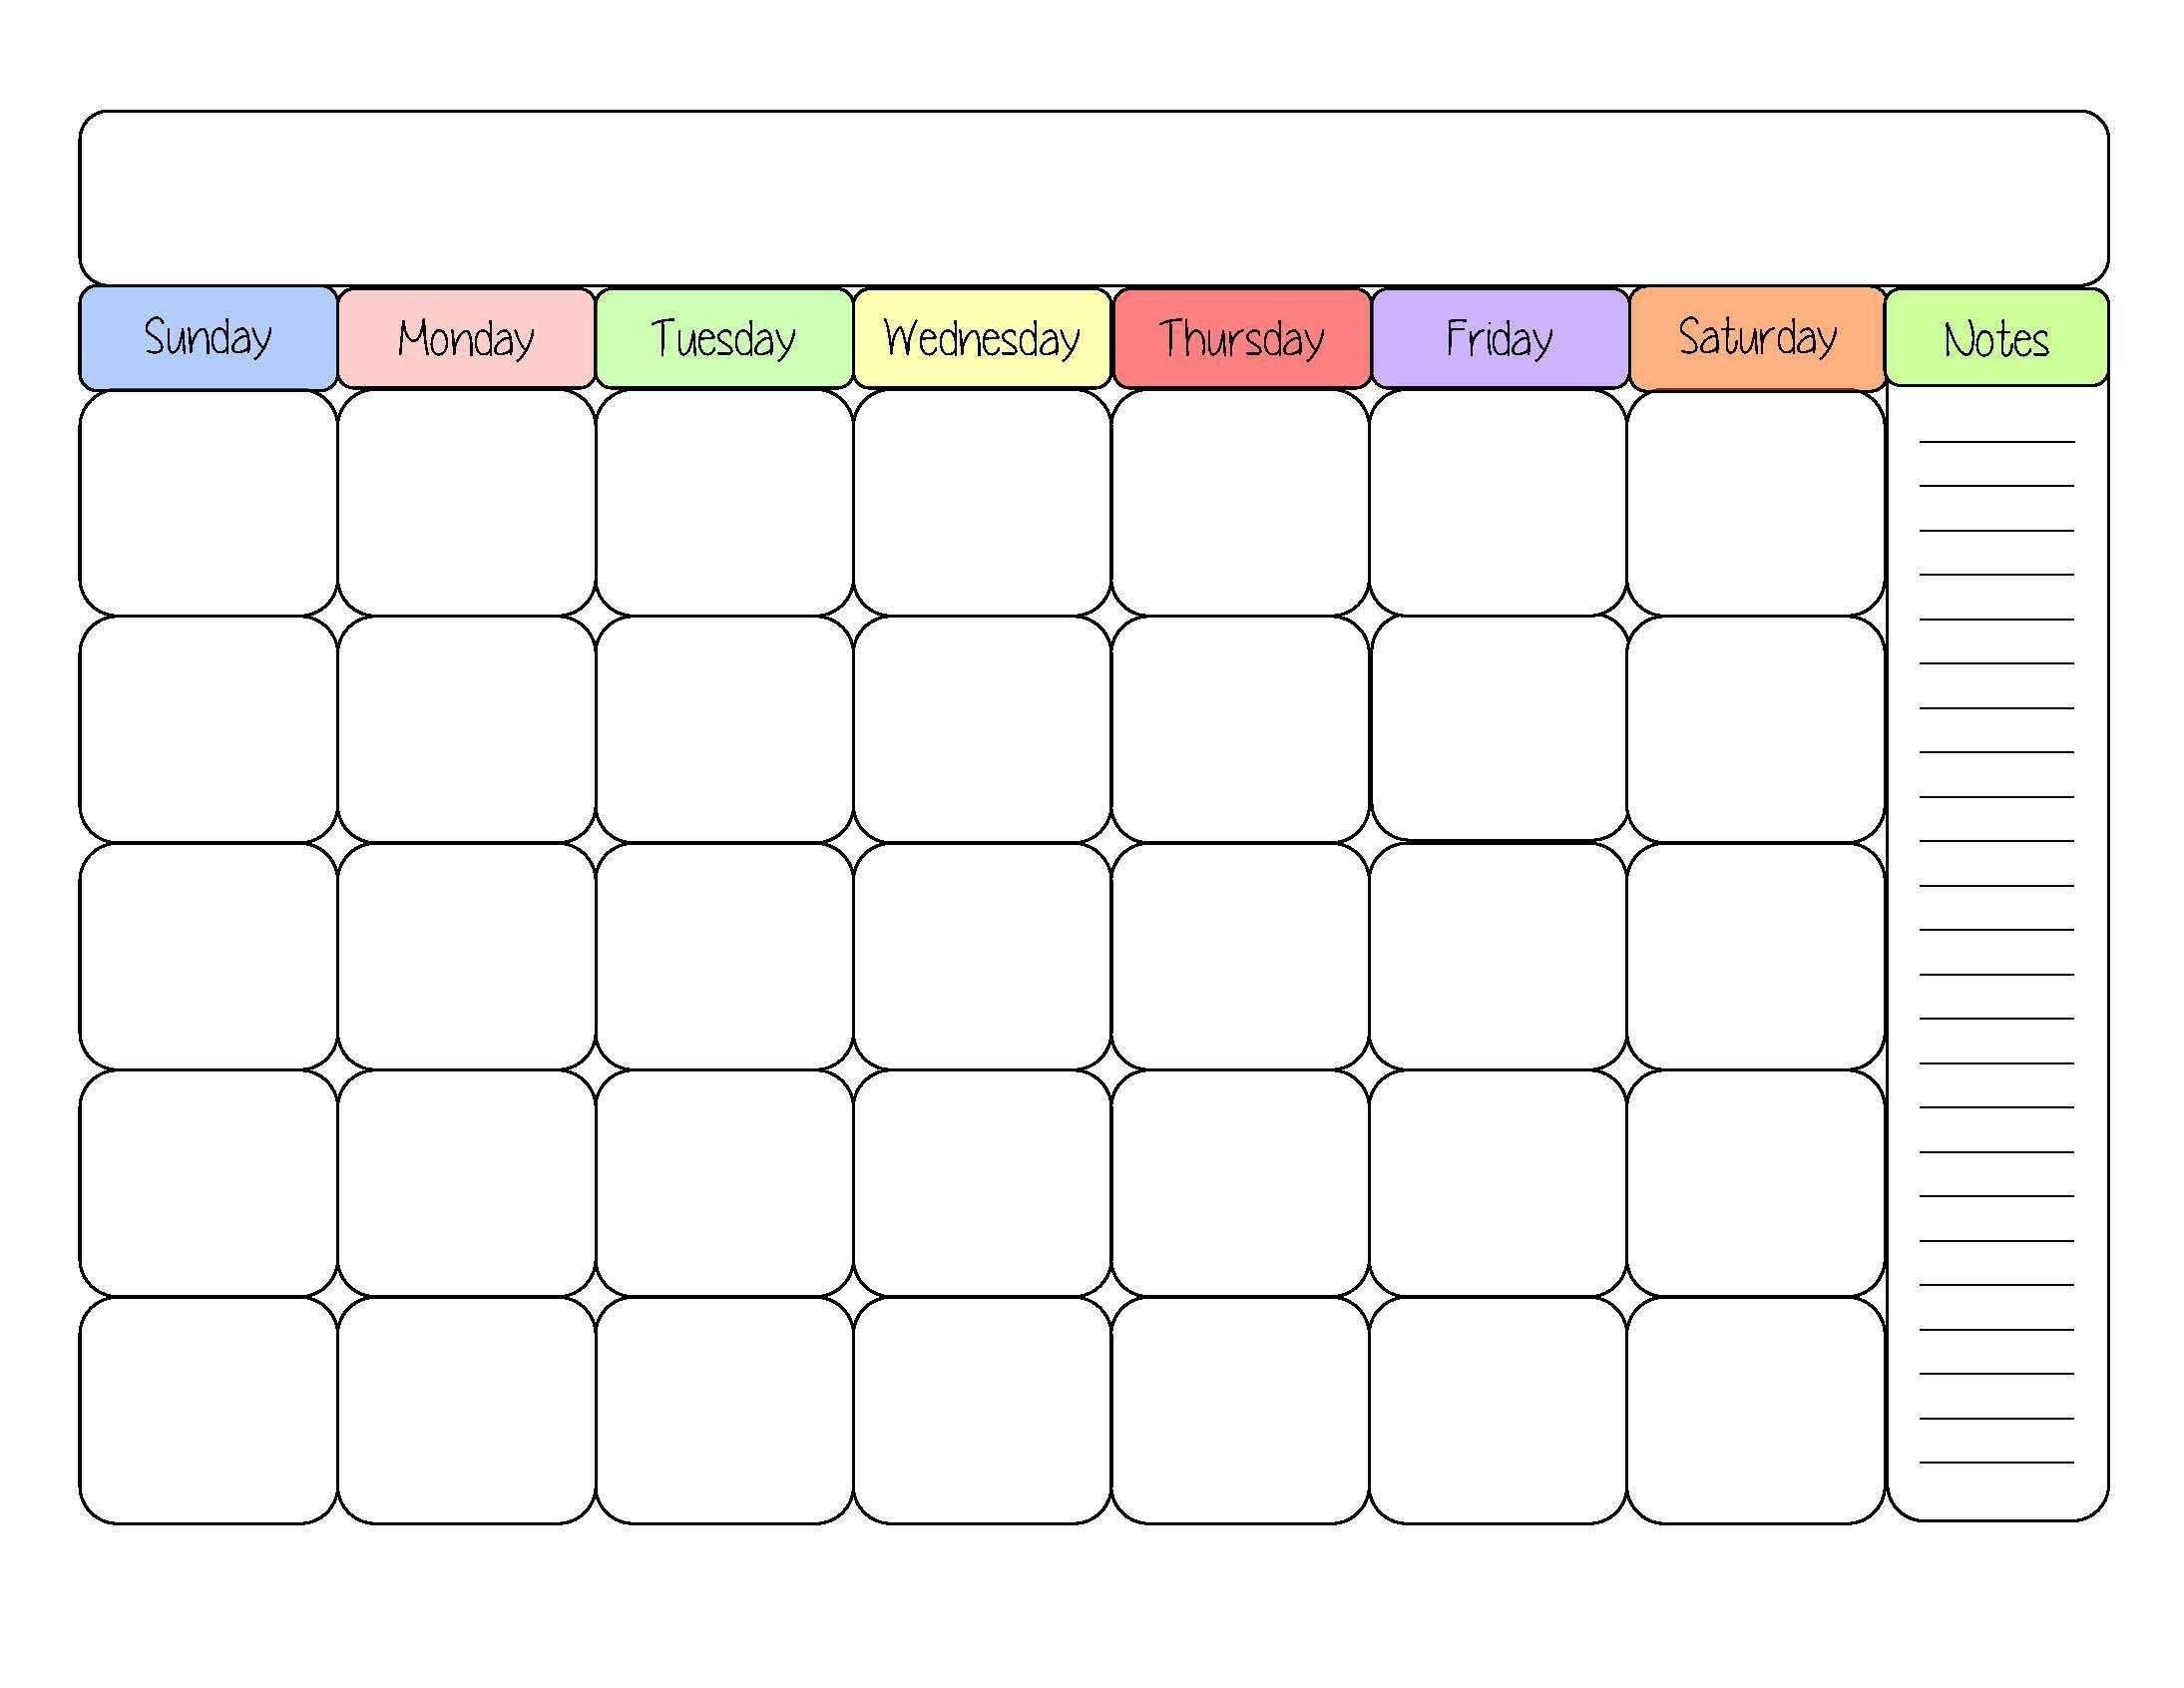 Cute-Blank-Calendar-Templates | Good Ideas | Printable Calendar intended for Blank Bill Calendar Printable Colorful